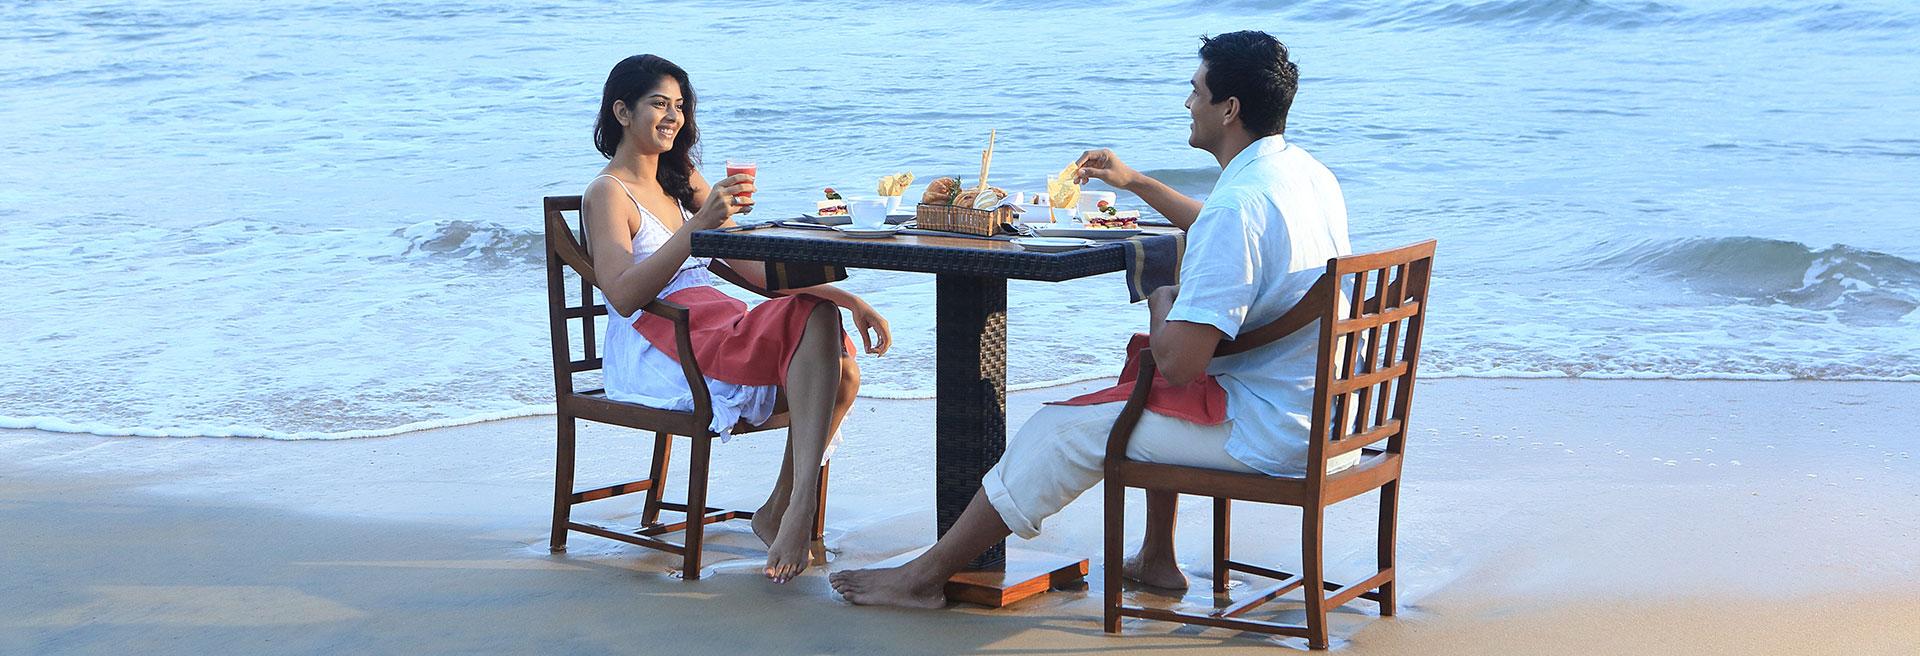 Romantic Dinner On The Sandy Beach